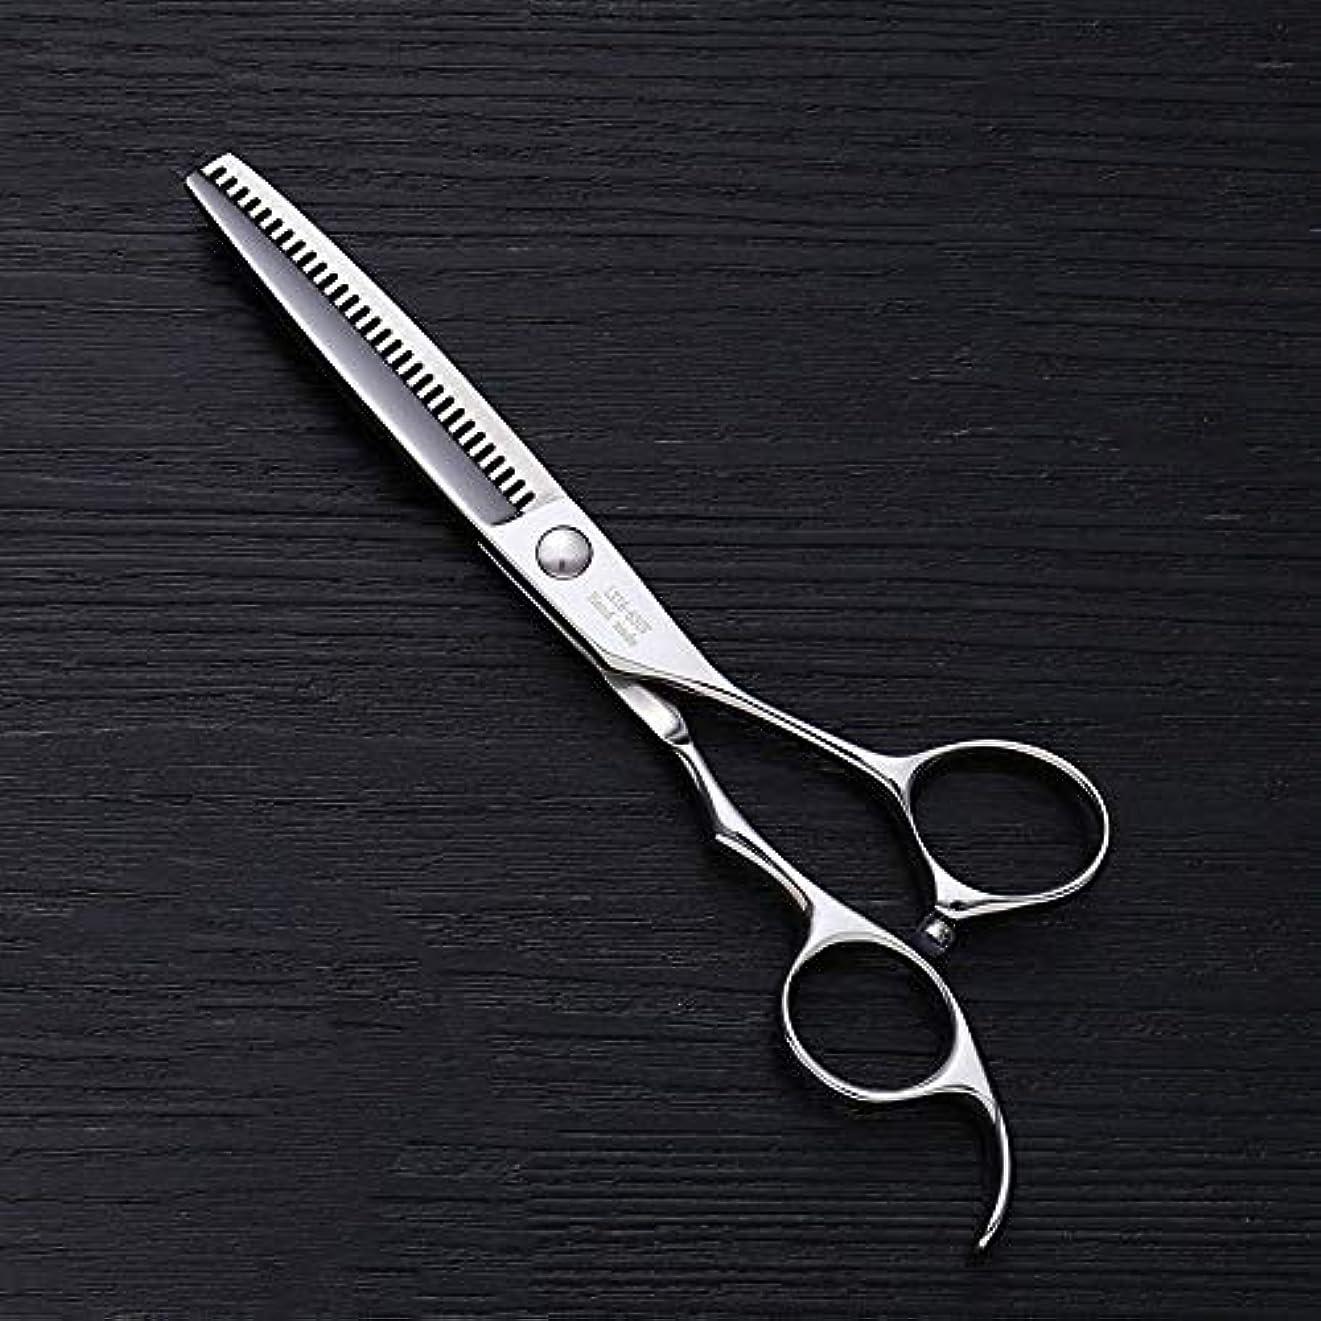 期待する喜ぶ合金6インチの美容院のステンレス鋼の専門のバリカン、30本の歯の魚の骨は専門の薄いせん断を切りました モデリングツール (色 : Silver)